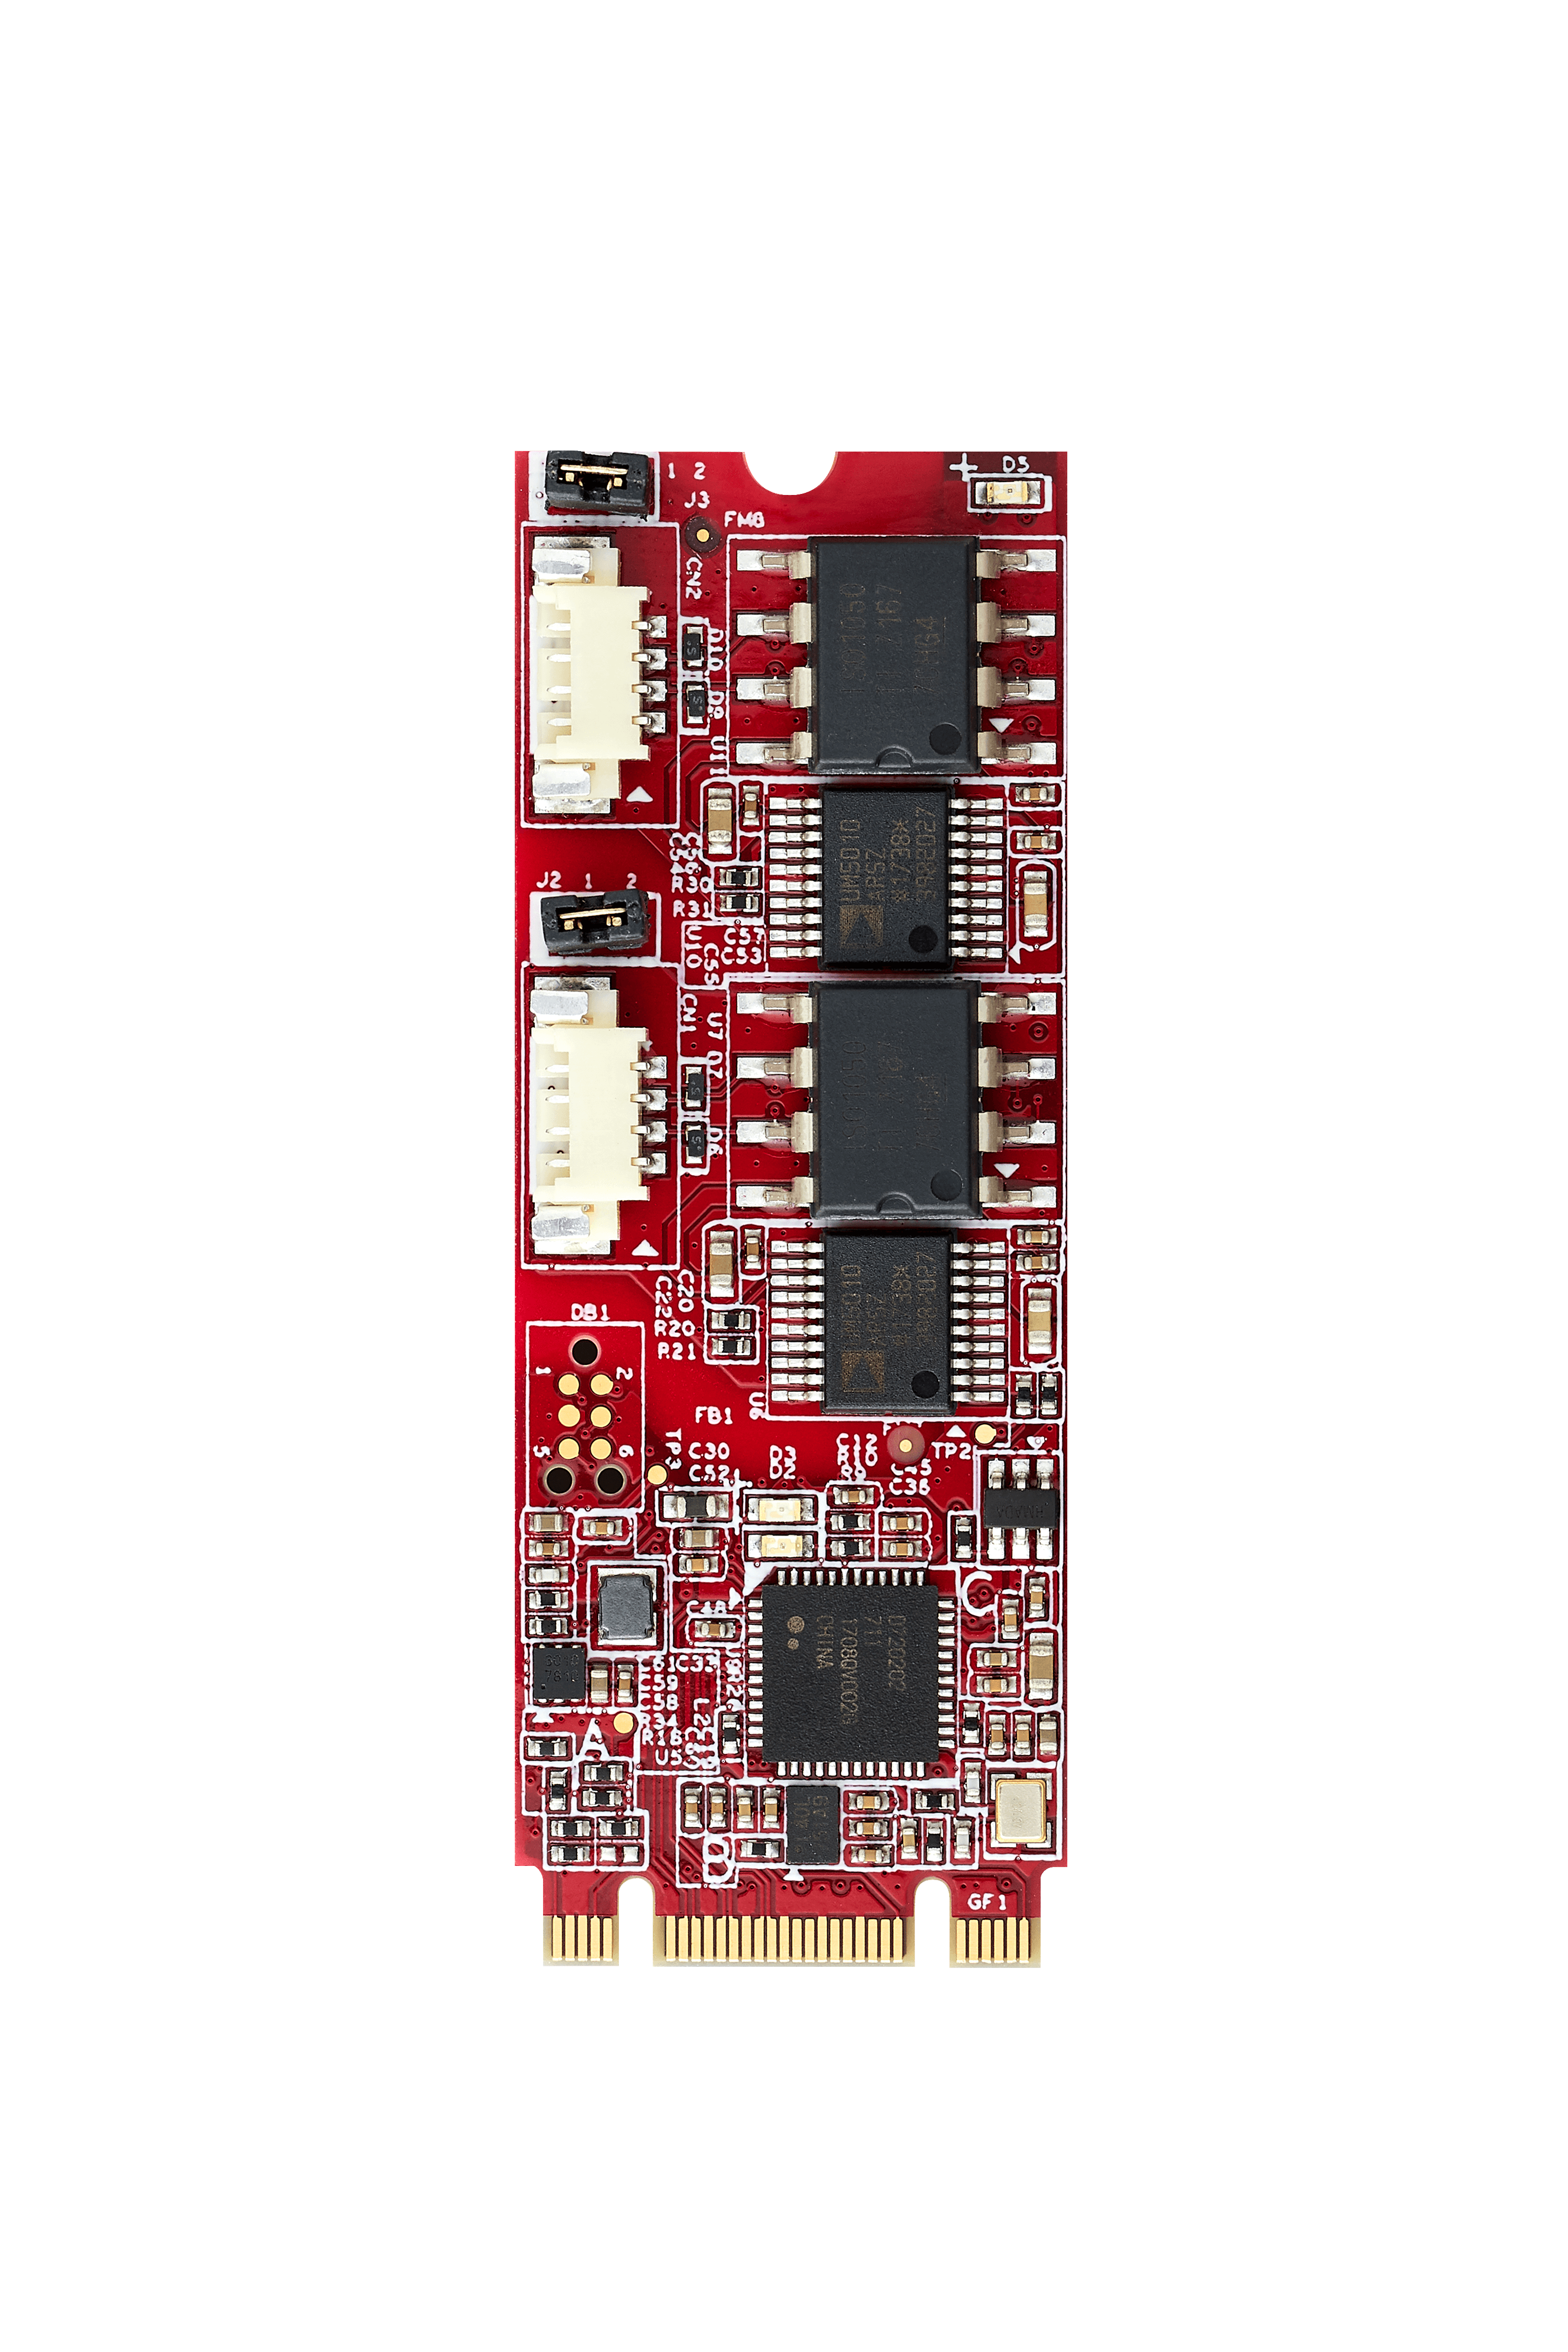 EGPC-B201-W1